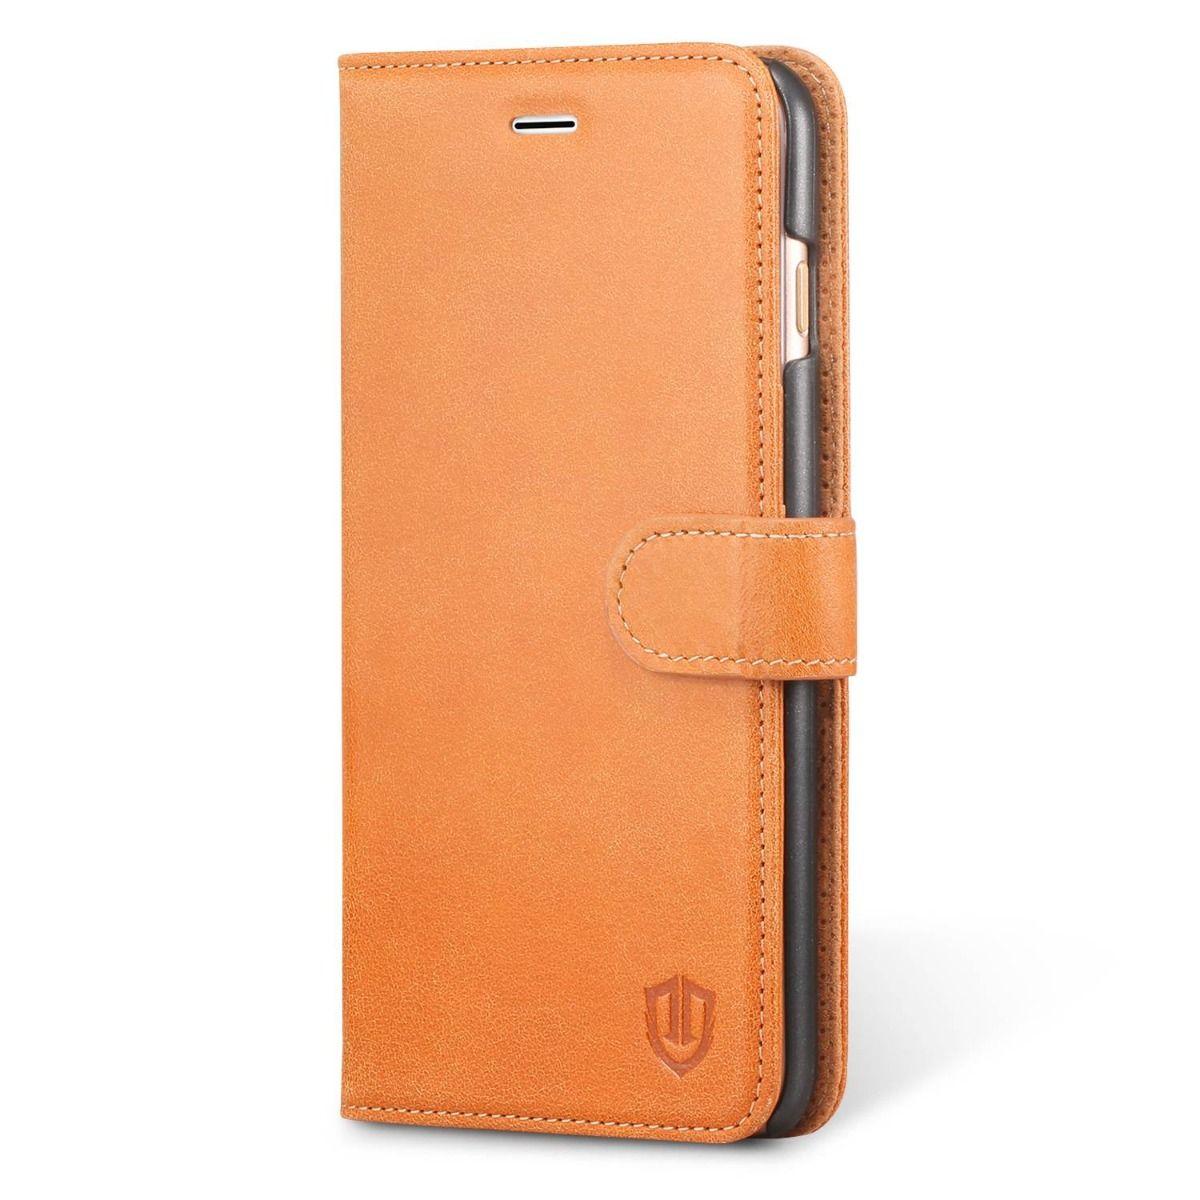 iphone 6 plus case leather